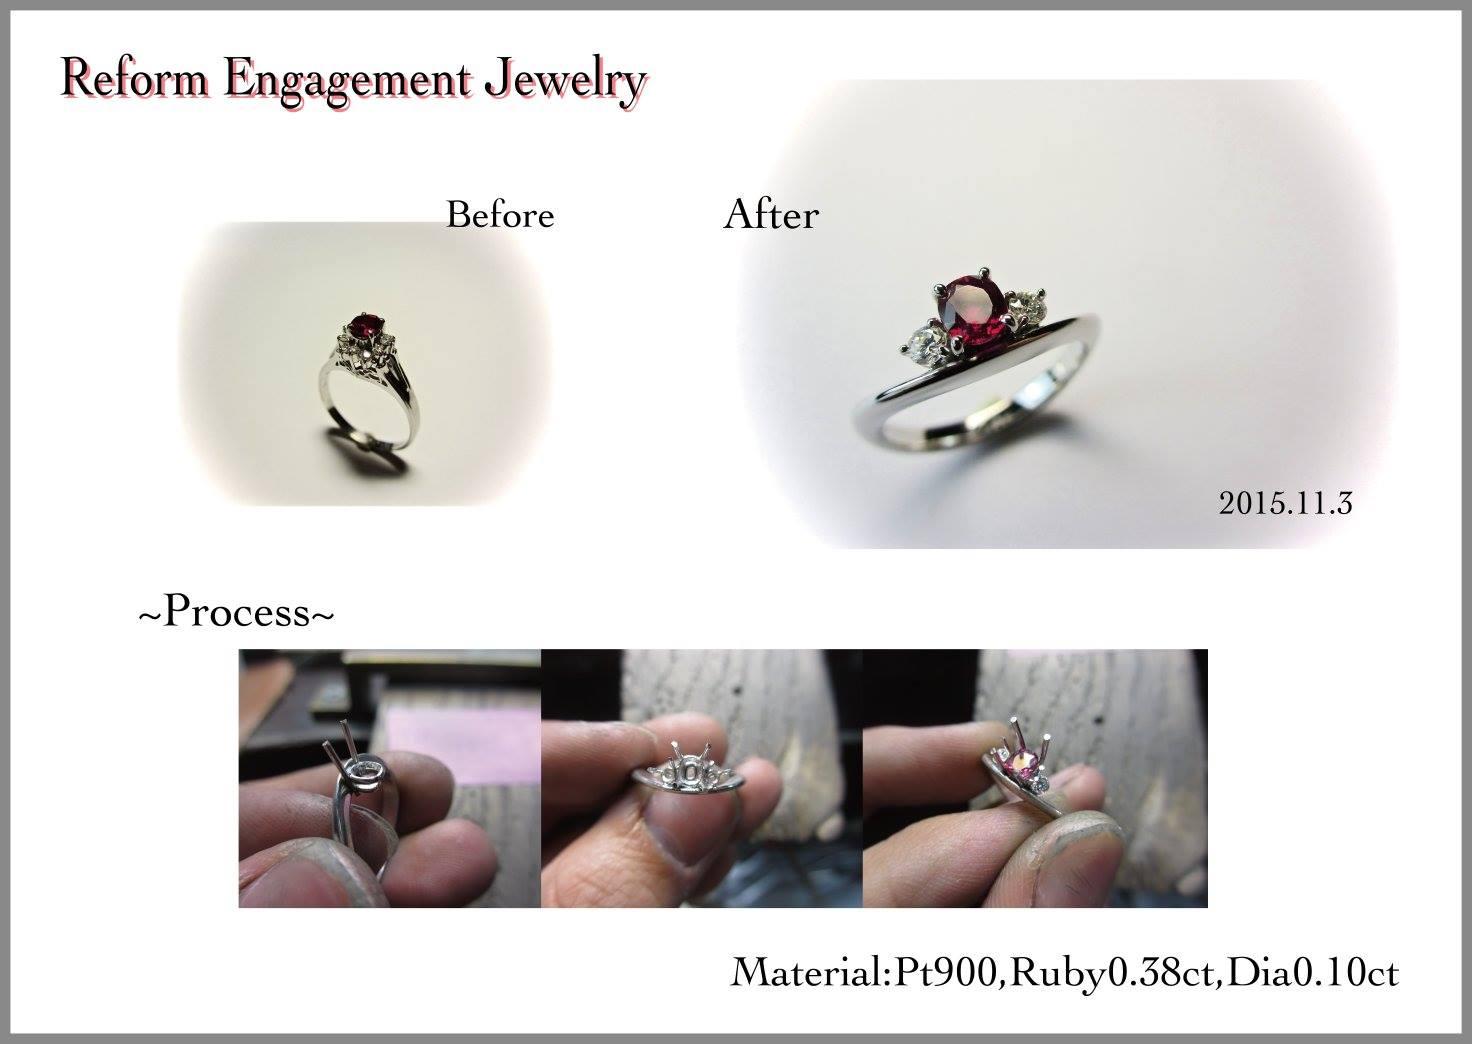 ルビー エンゲージリング 婚約指輪 リフォームジュエリー リメイク リモデル 可愛い サプライズ 指輪 立て爪 プラチナ V字 ダイヤモンド SAIJO 森拓郎